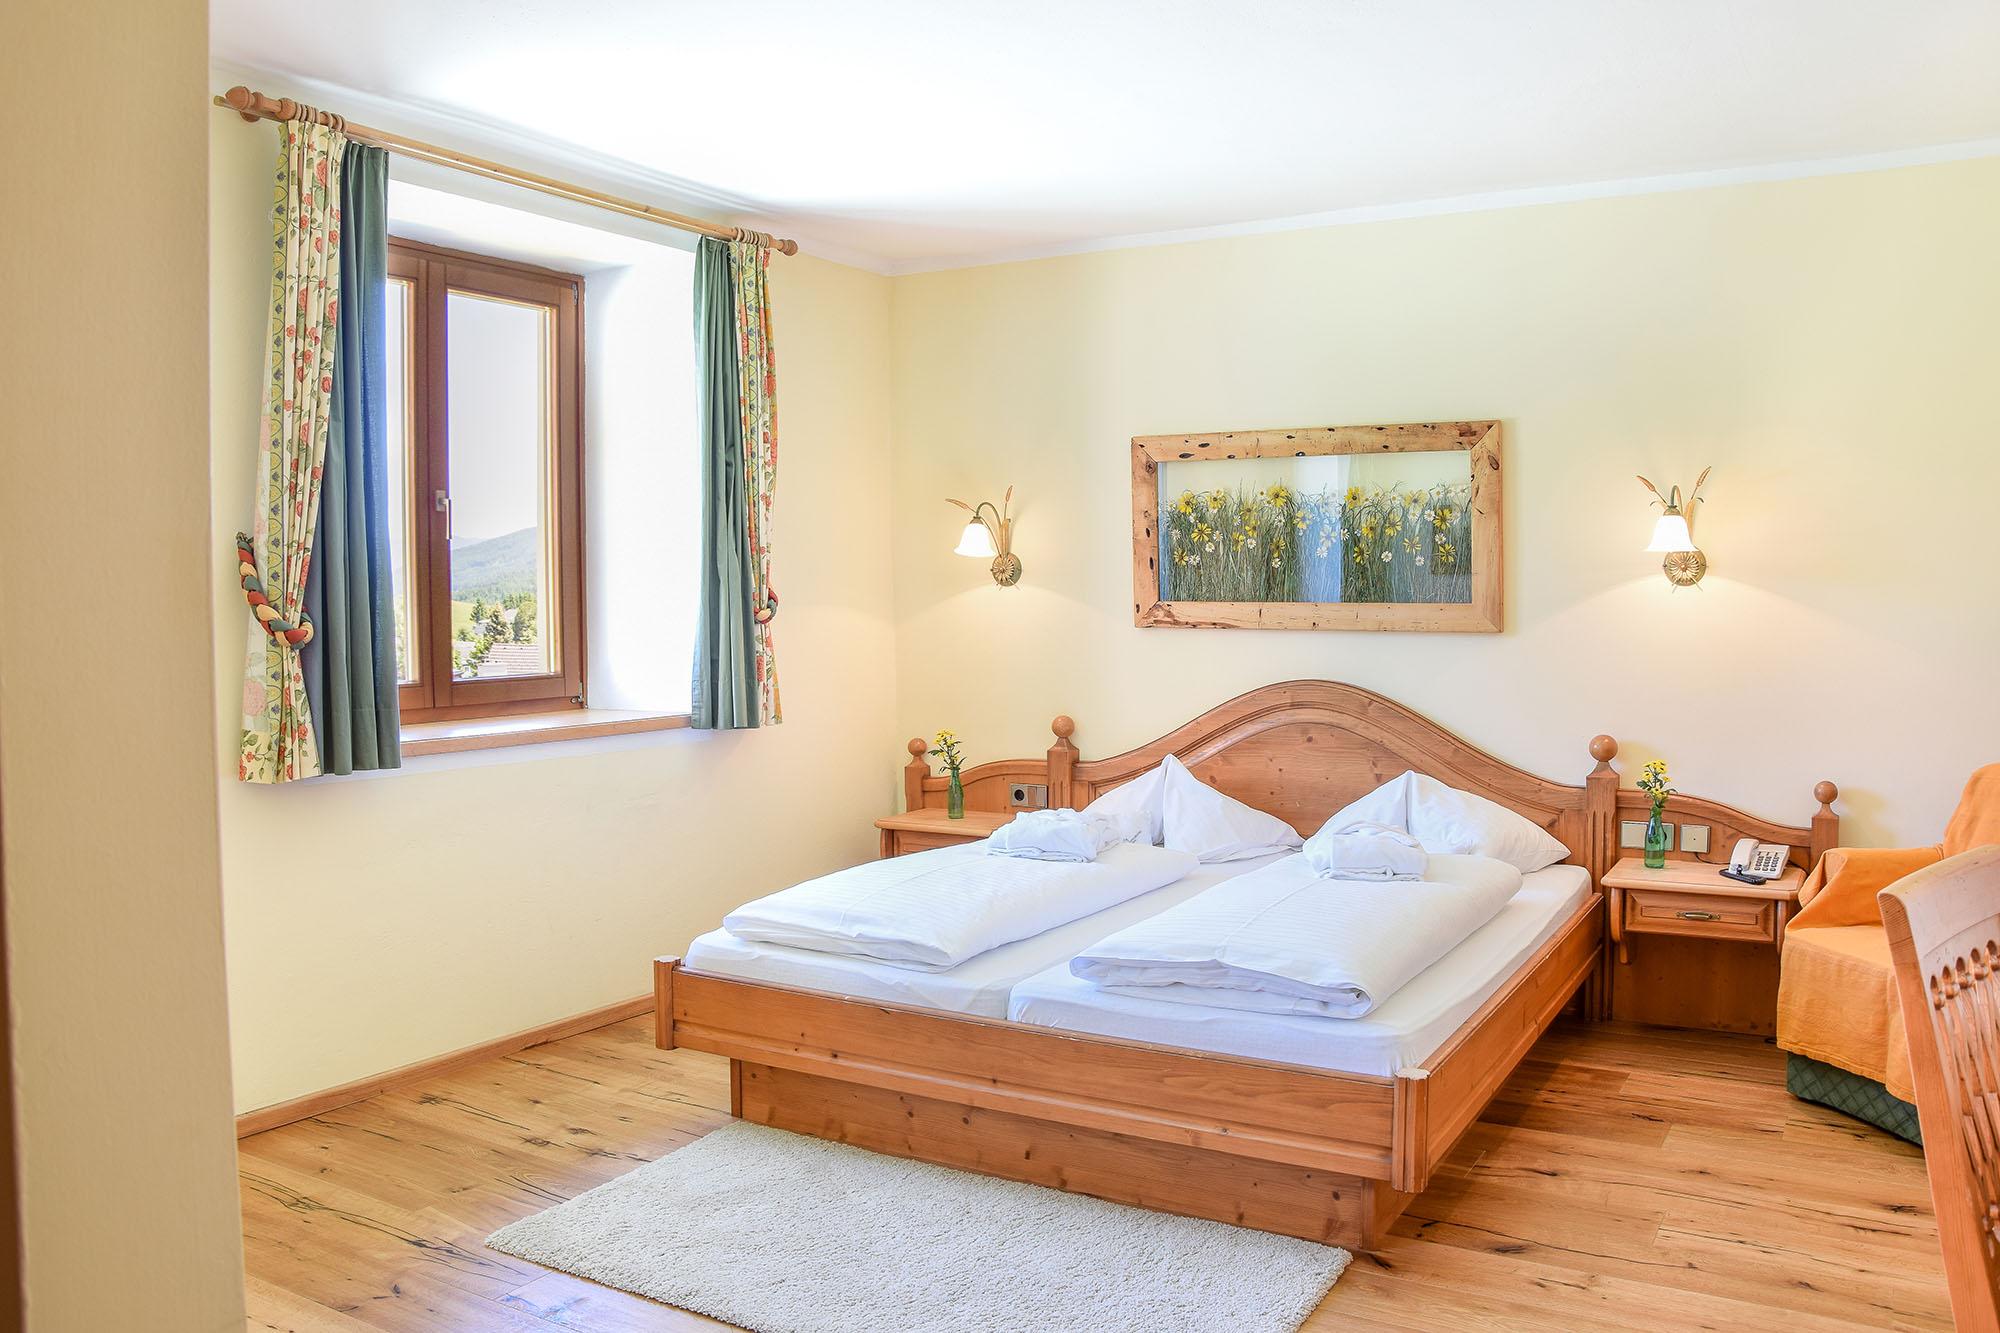 Zimmer f r den skiurlaub im hotel in der ferienregion 4 for Design hotels skiurlaub